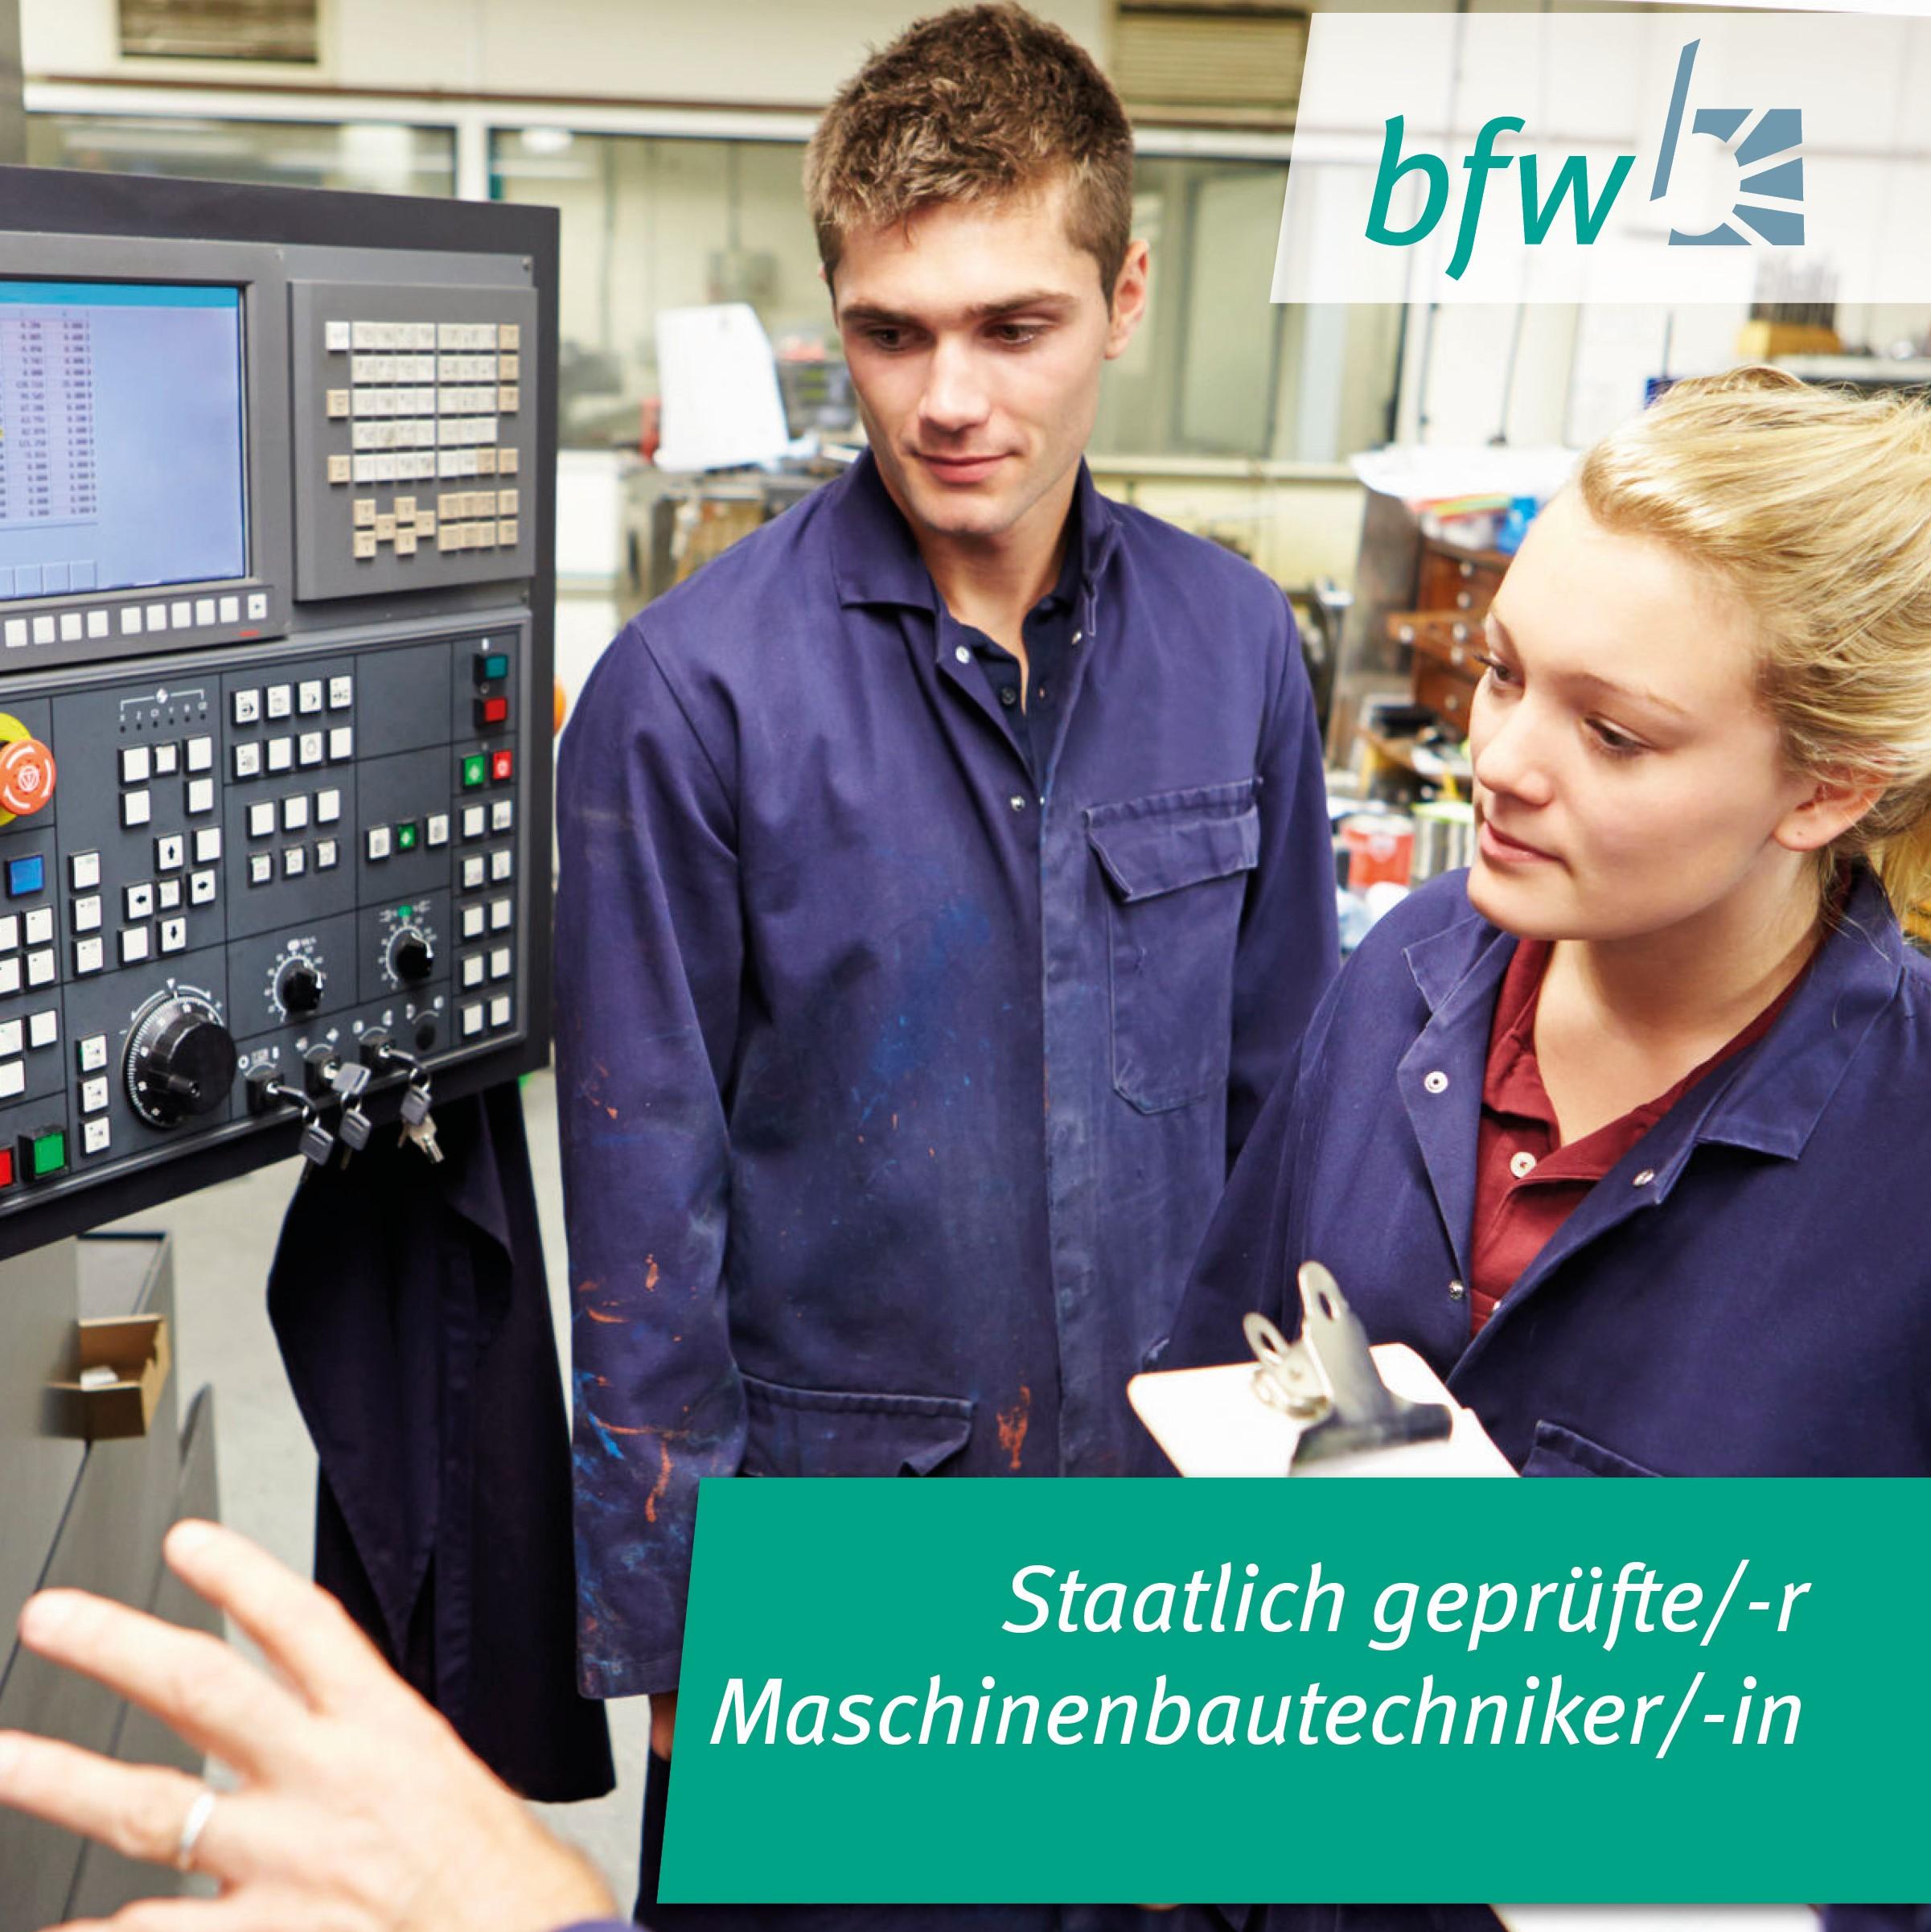 Staatl. geprüfte/-r Maschinenbautechniker/-in Image